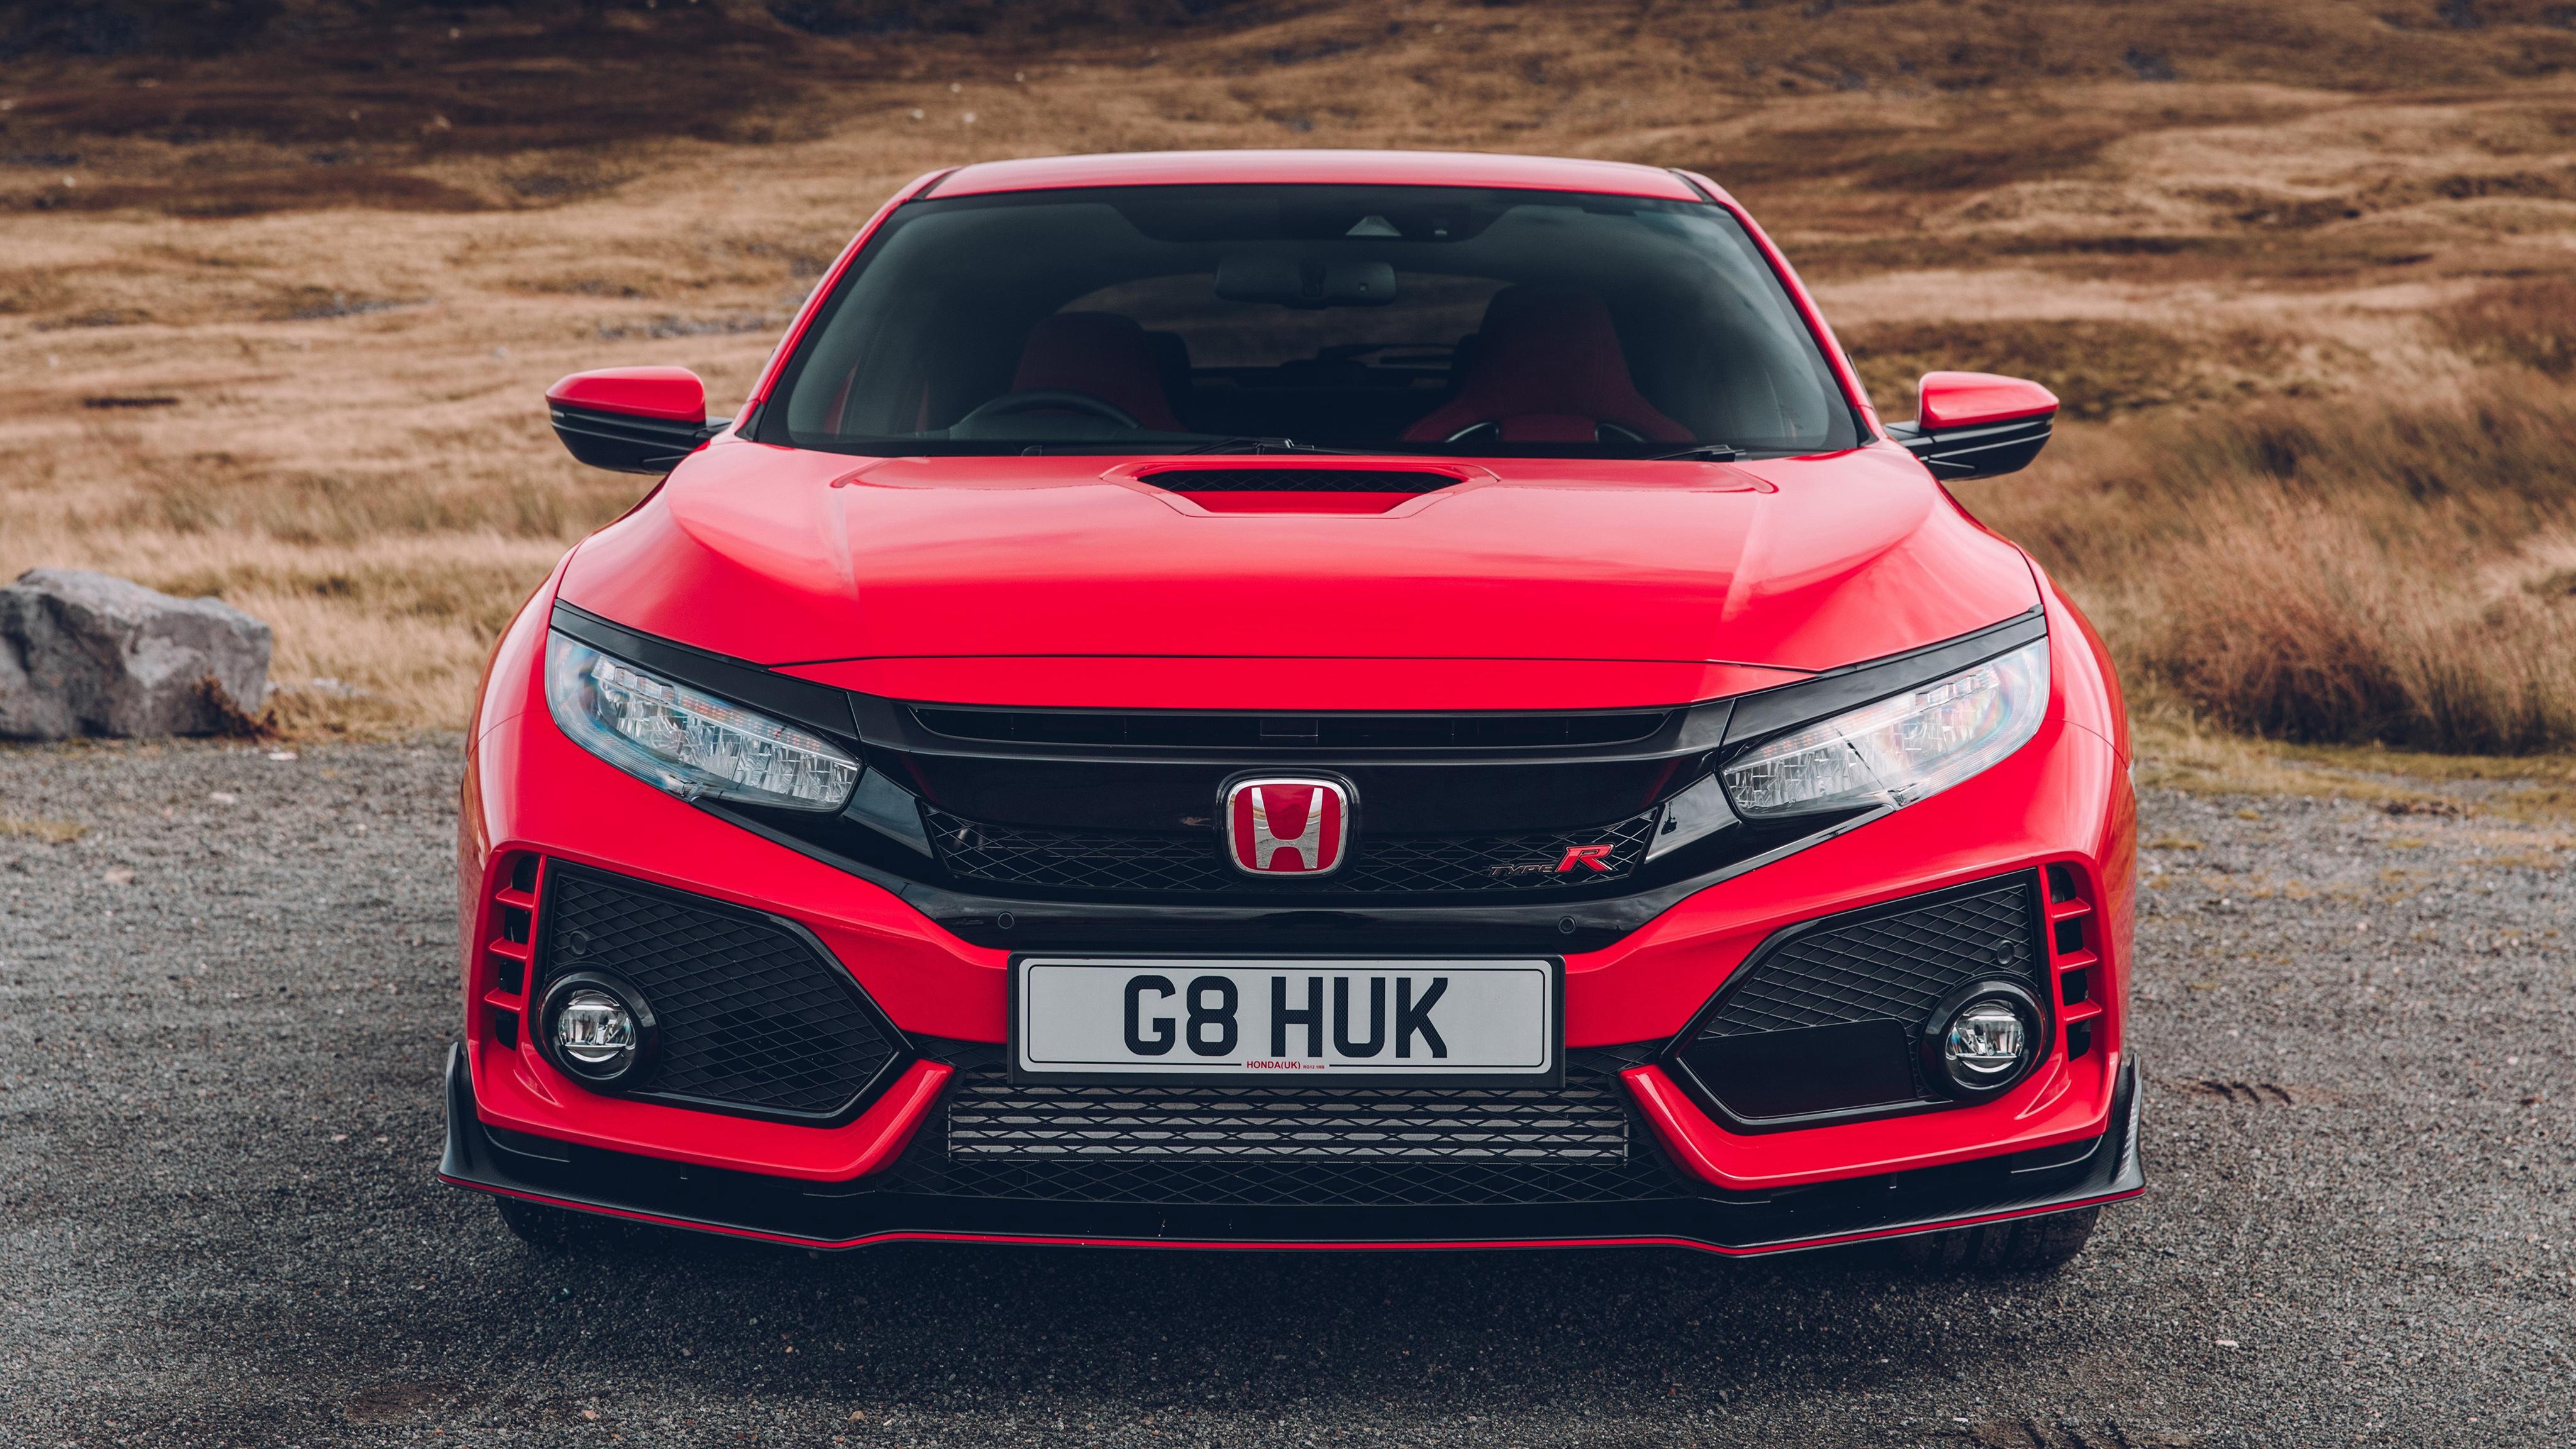 Honda Civic Type R 2017 4k Wallpaper Hd Car Wallpapers